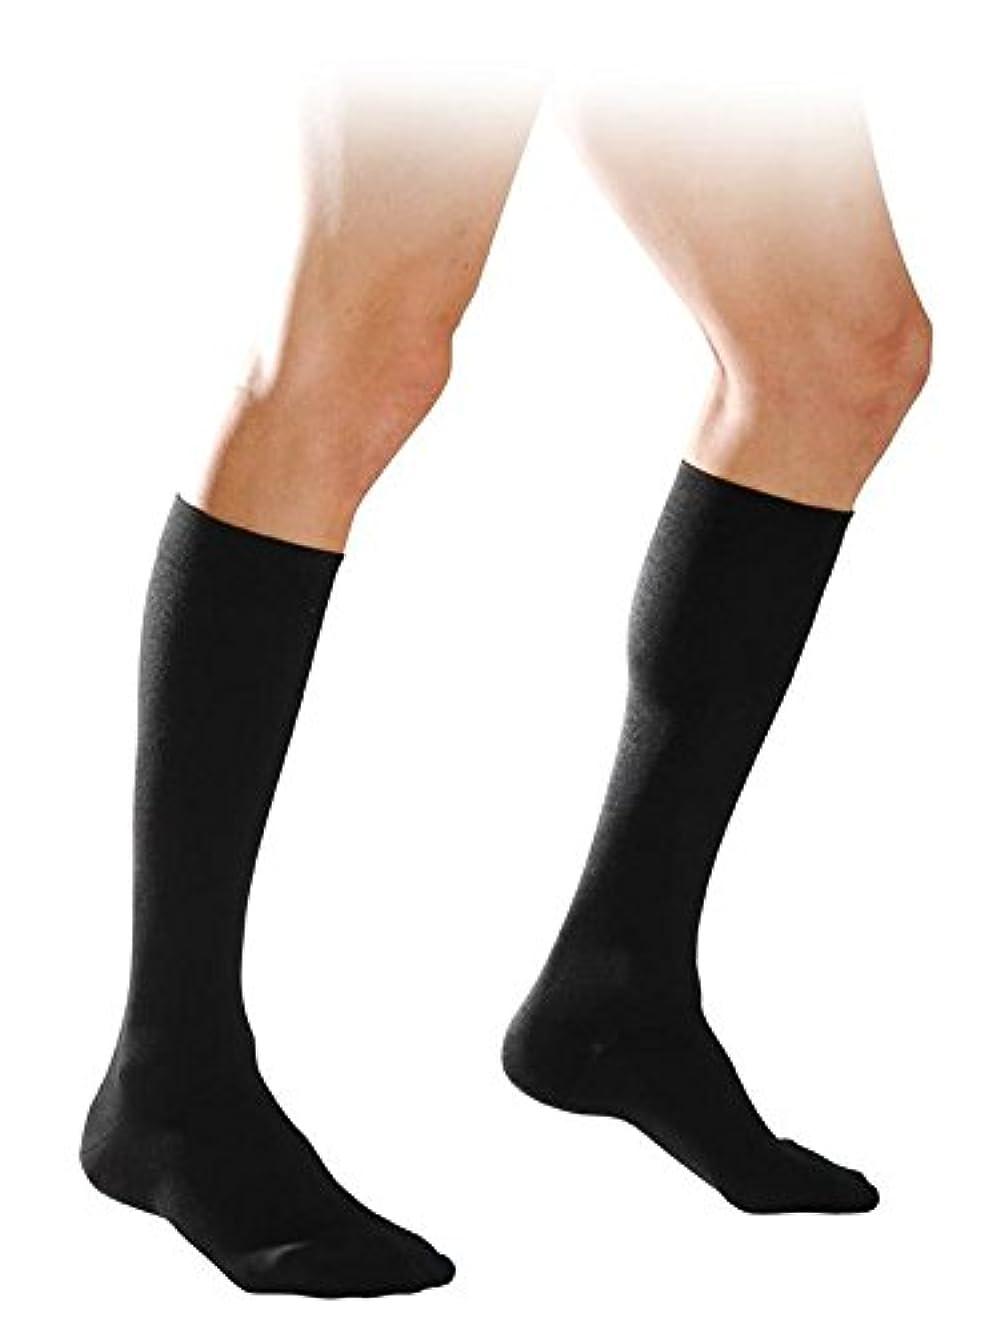 松脱臼する年次【エコノミー症候群予防】男性用 着圧ソックス (M, ブラック)